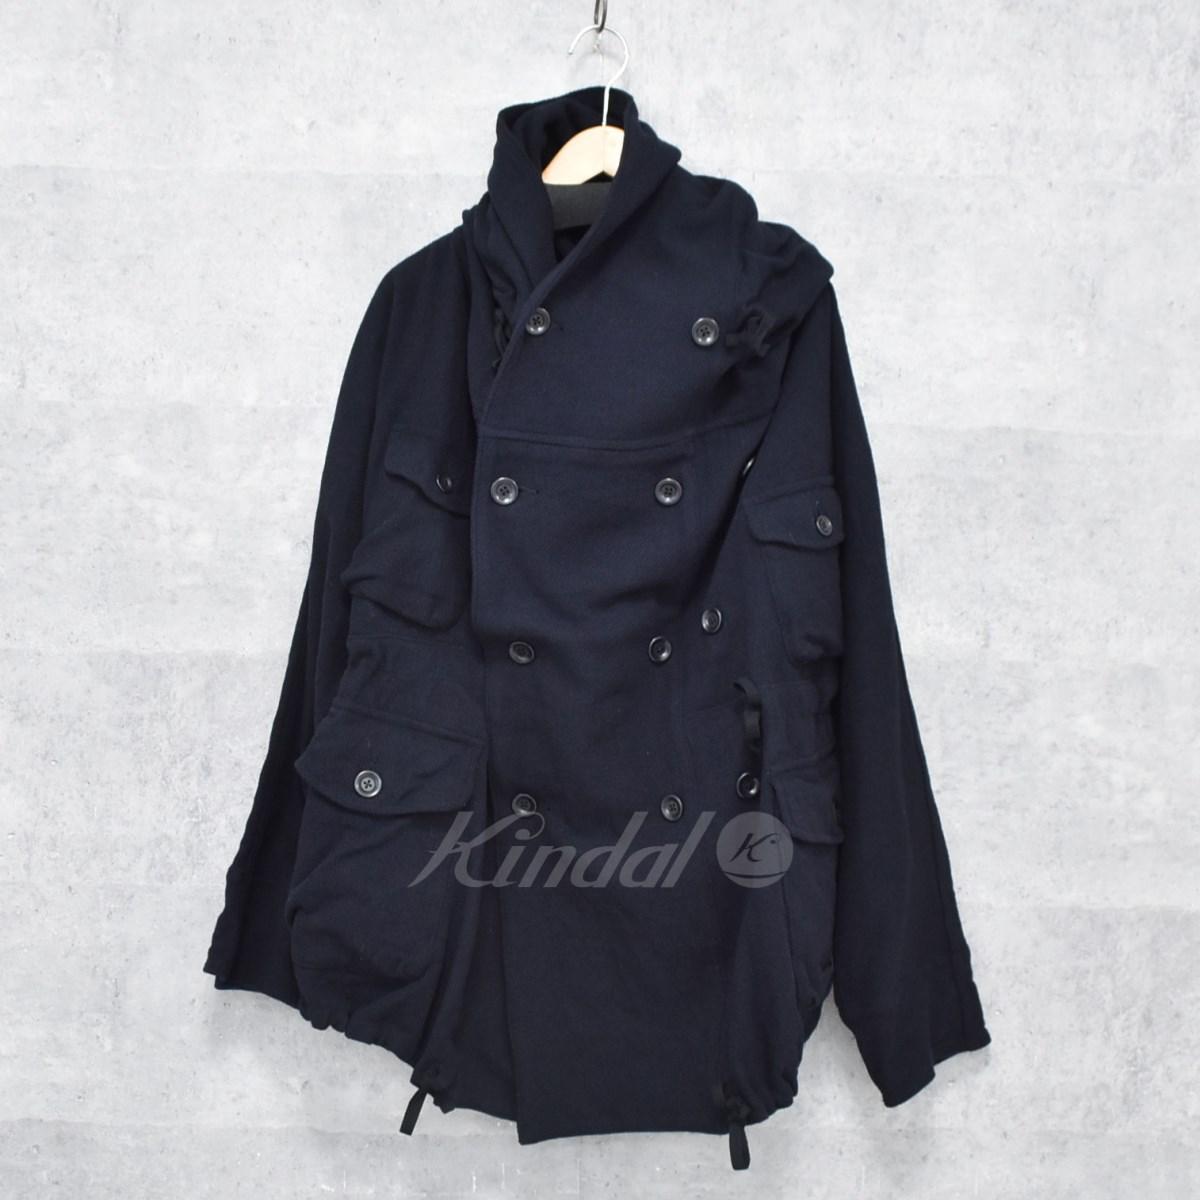 【中古】KAPITAL ヴィンテージメルトンリングコート ネイビー サイズ:M 【送料無料】 【311018】(キャピタル)